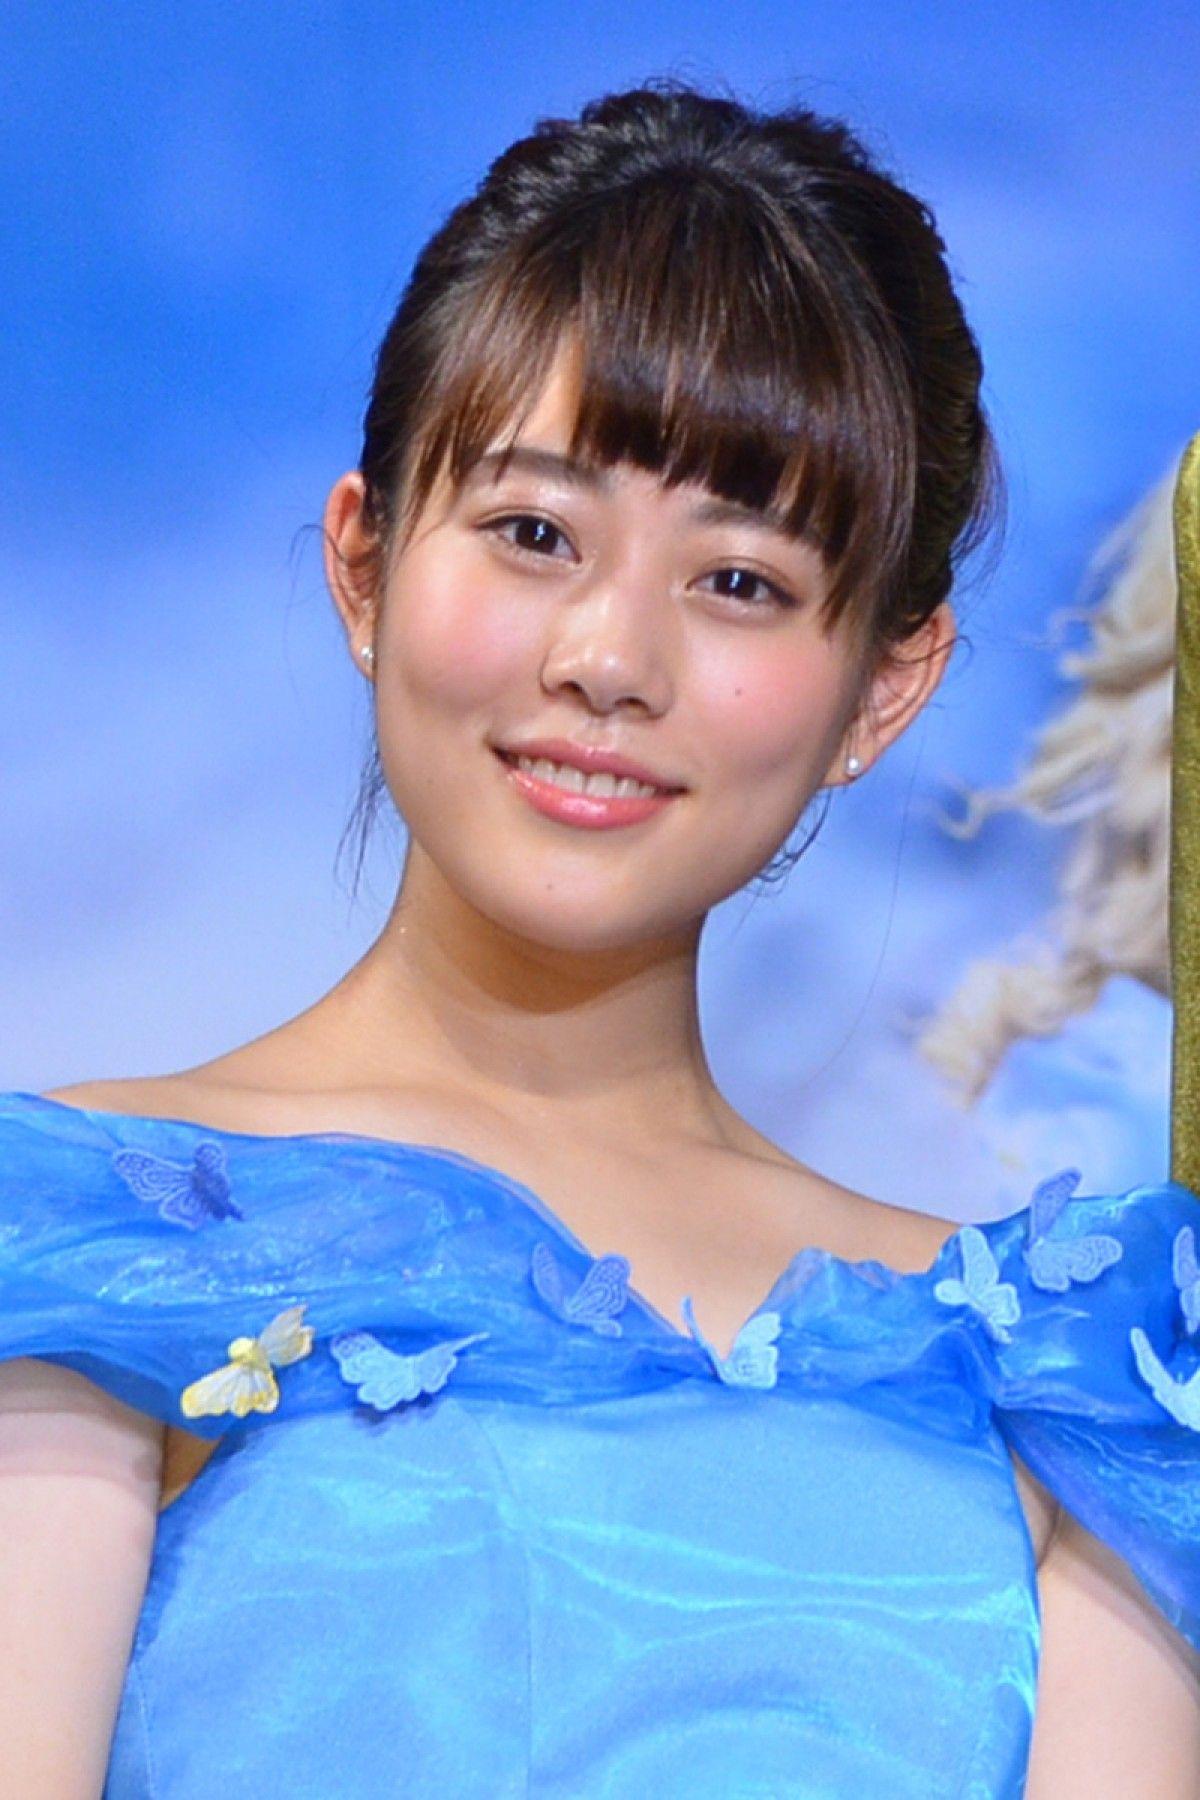 高畑充希mitsuki_takahata | 高畑充希 かわいい, 女性のヘアスタイル, 高畑 充 希